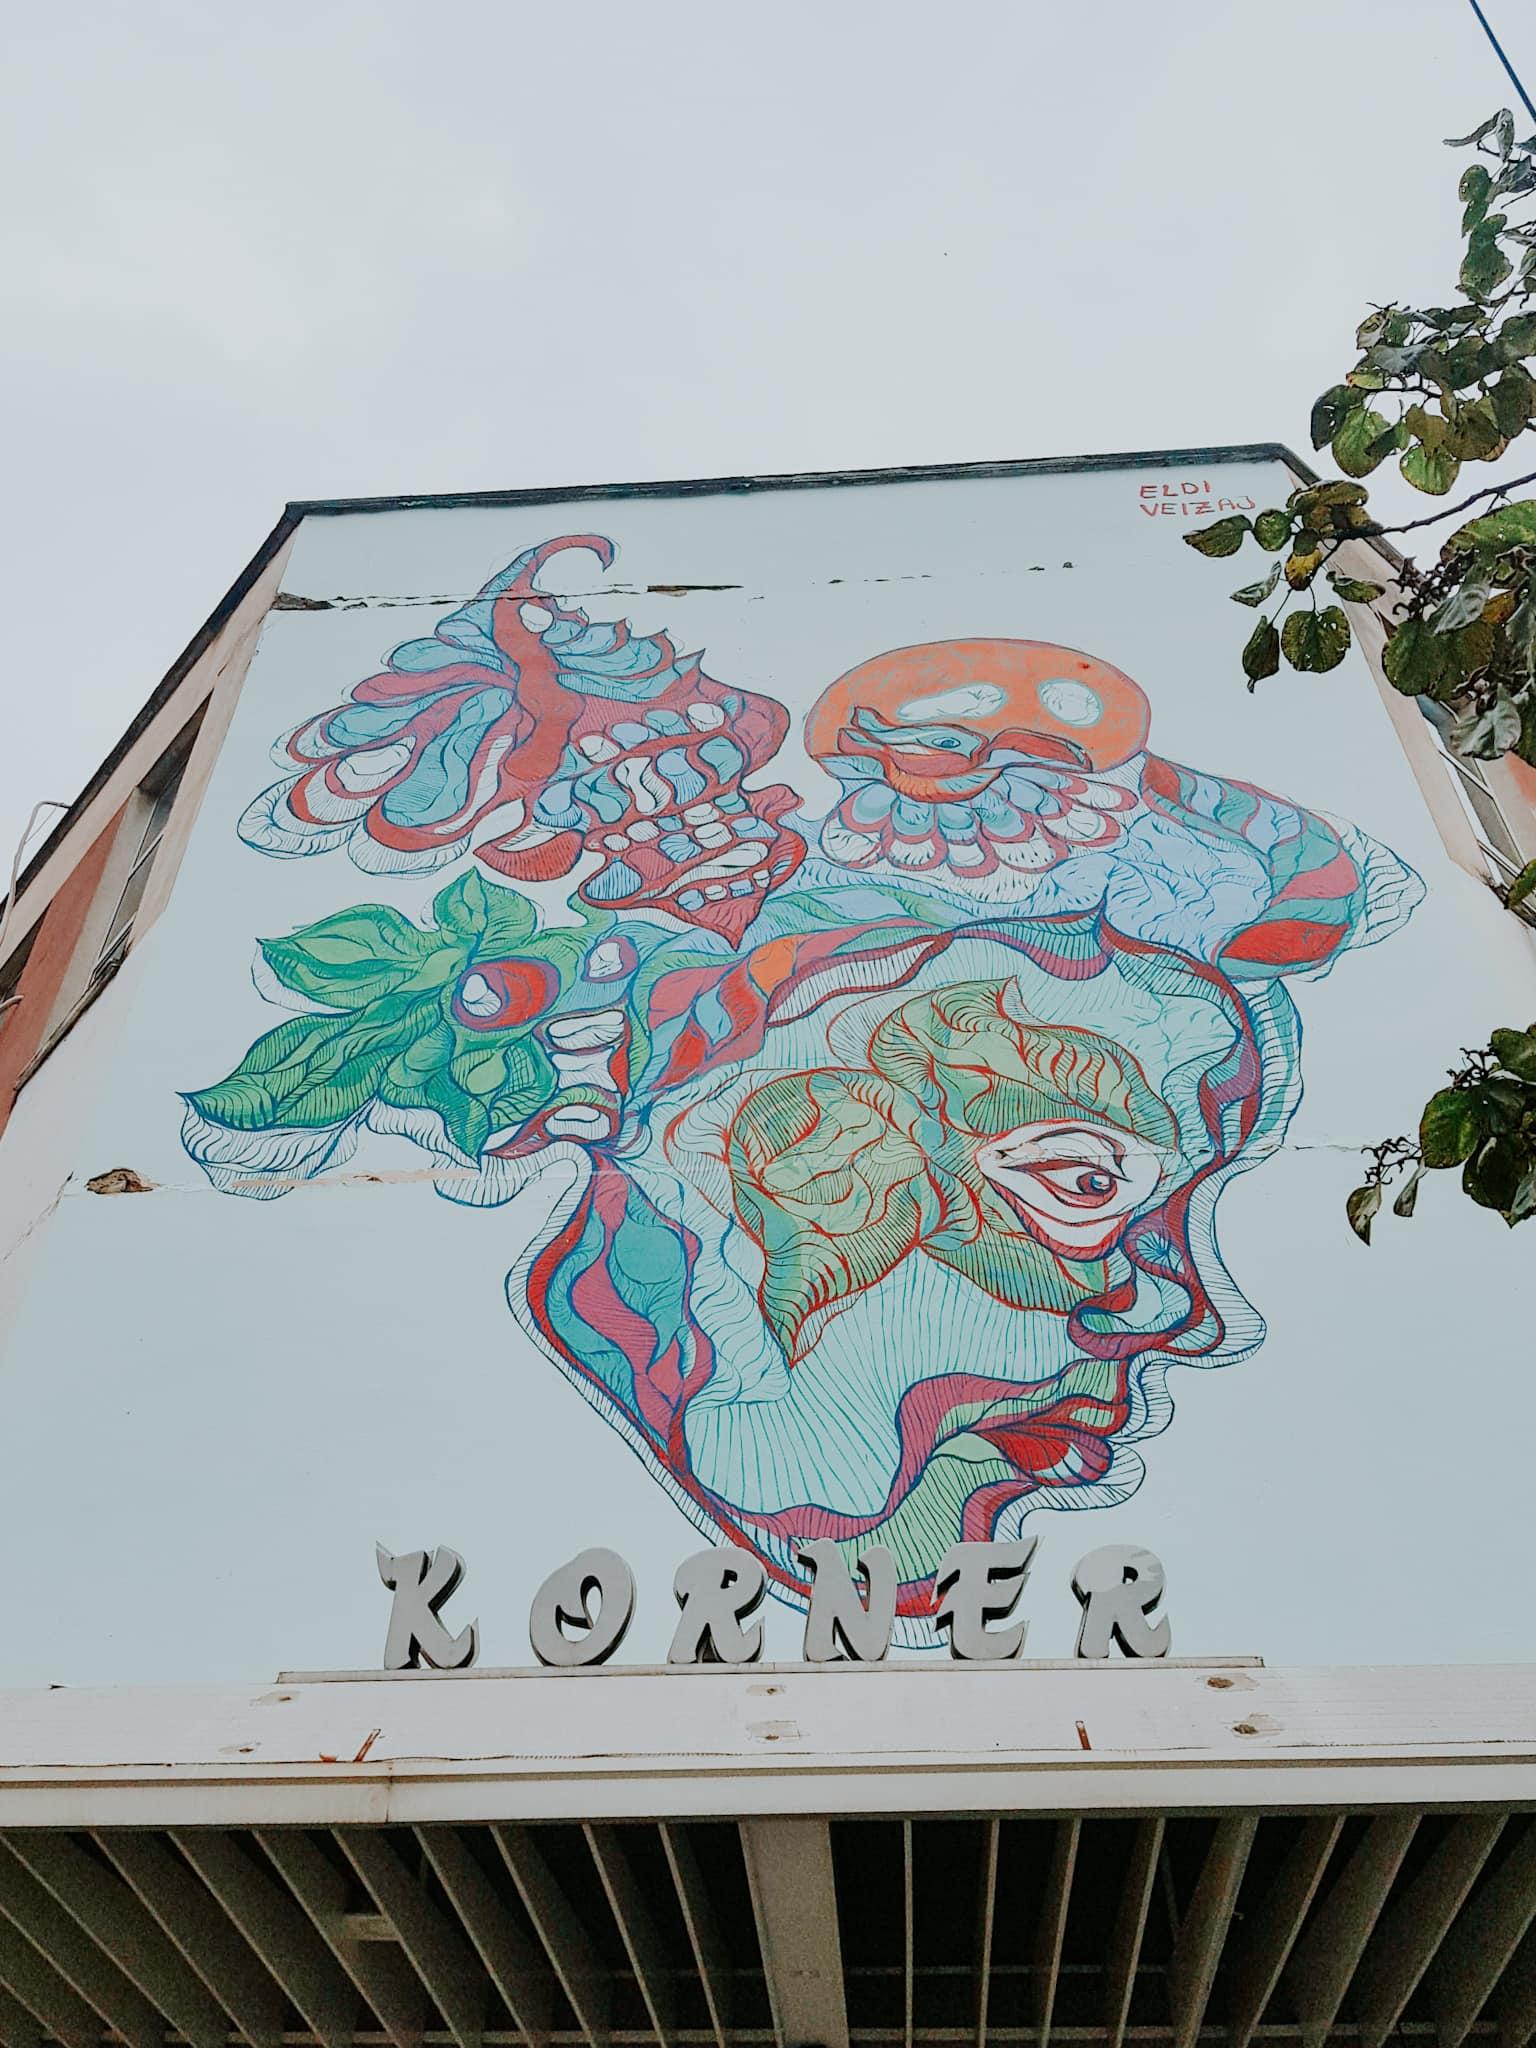 Korner Cafe Tirana Block Viertel Street Art